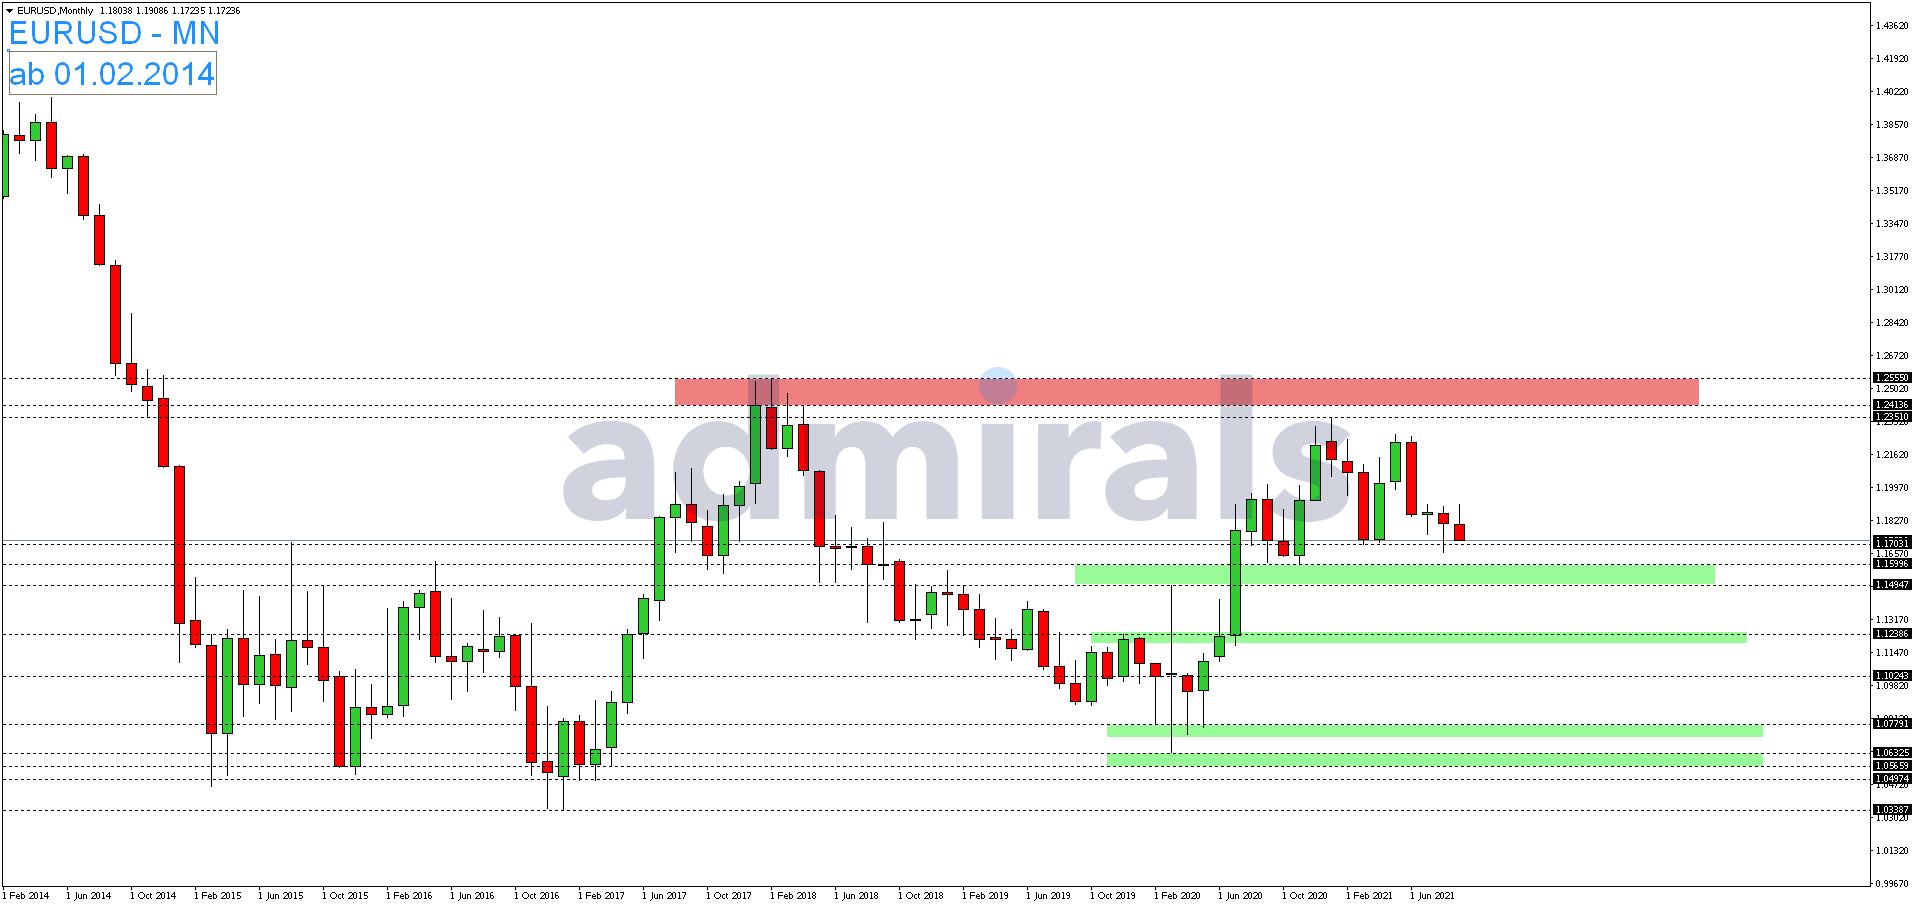 EUR-USD-fällt-vor-dem-Wochenende-deutlich-zurück-Kommentar-Admirals-GodmodeTrader.de-1